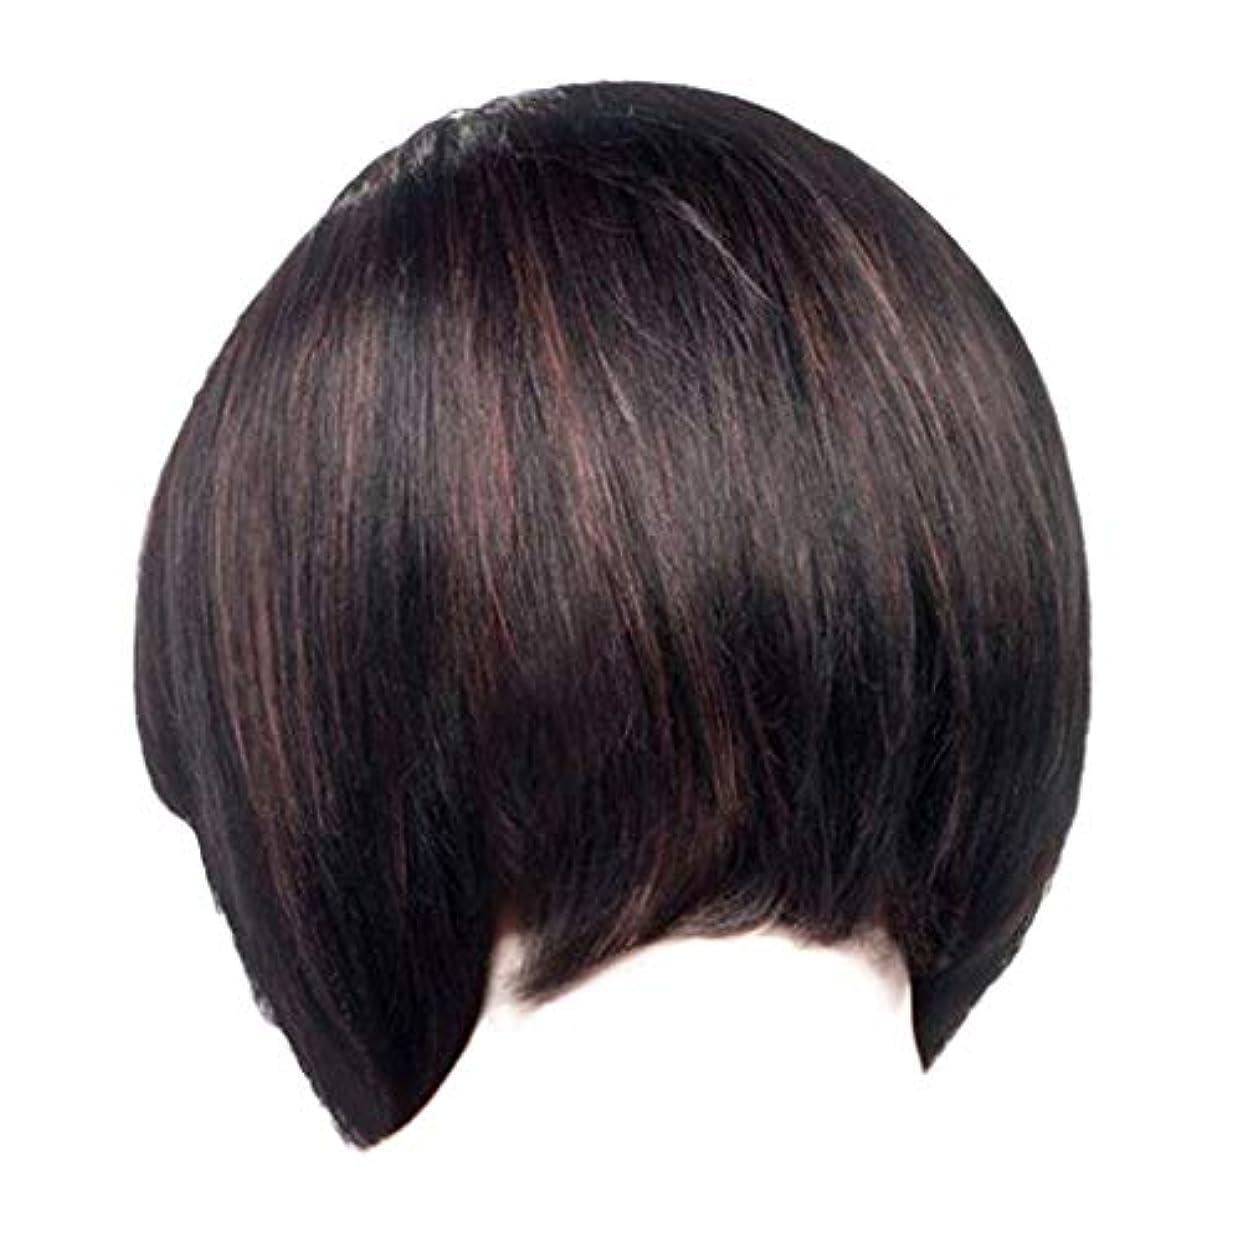 画像男やもめ私たちのウィッグレディースファッションブラックショートストレートヘアナチュラルウィッグローズヘアネット